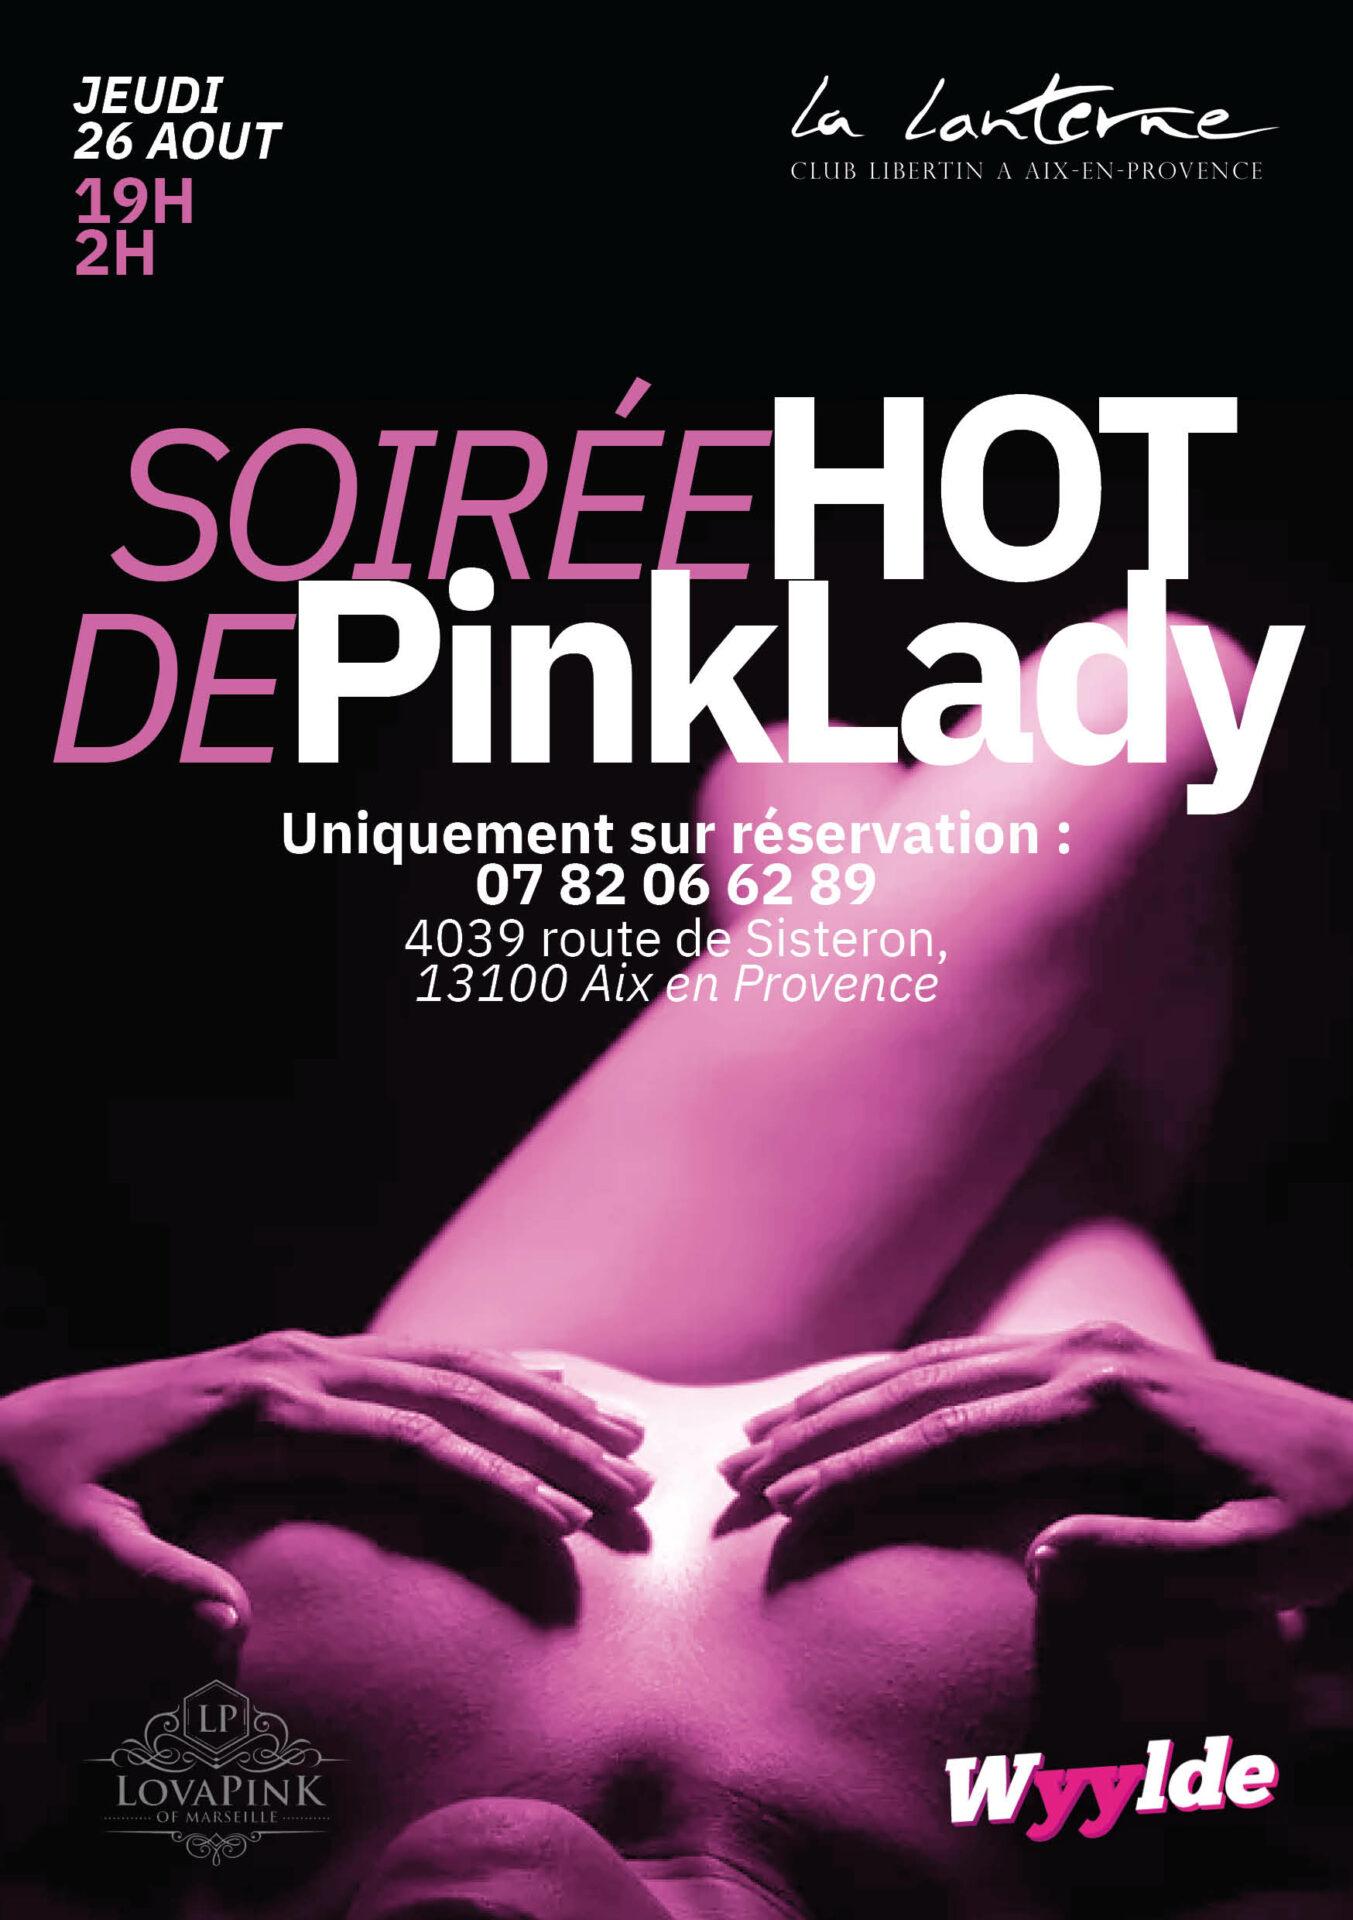 """26 Aout 2021 : """"Les soirées Hot de PinkLady"""" (Soirée mixte) [19h/02h] - Uniquement sur réservation -"""